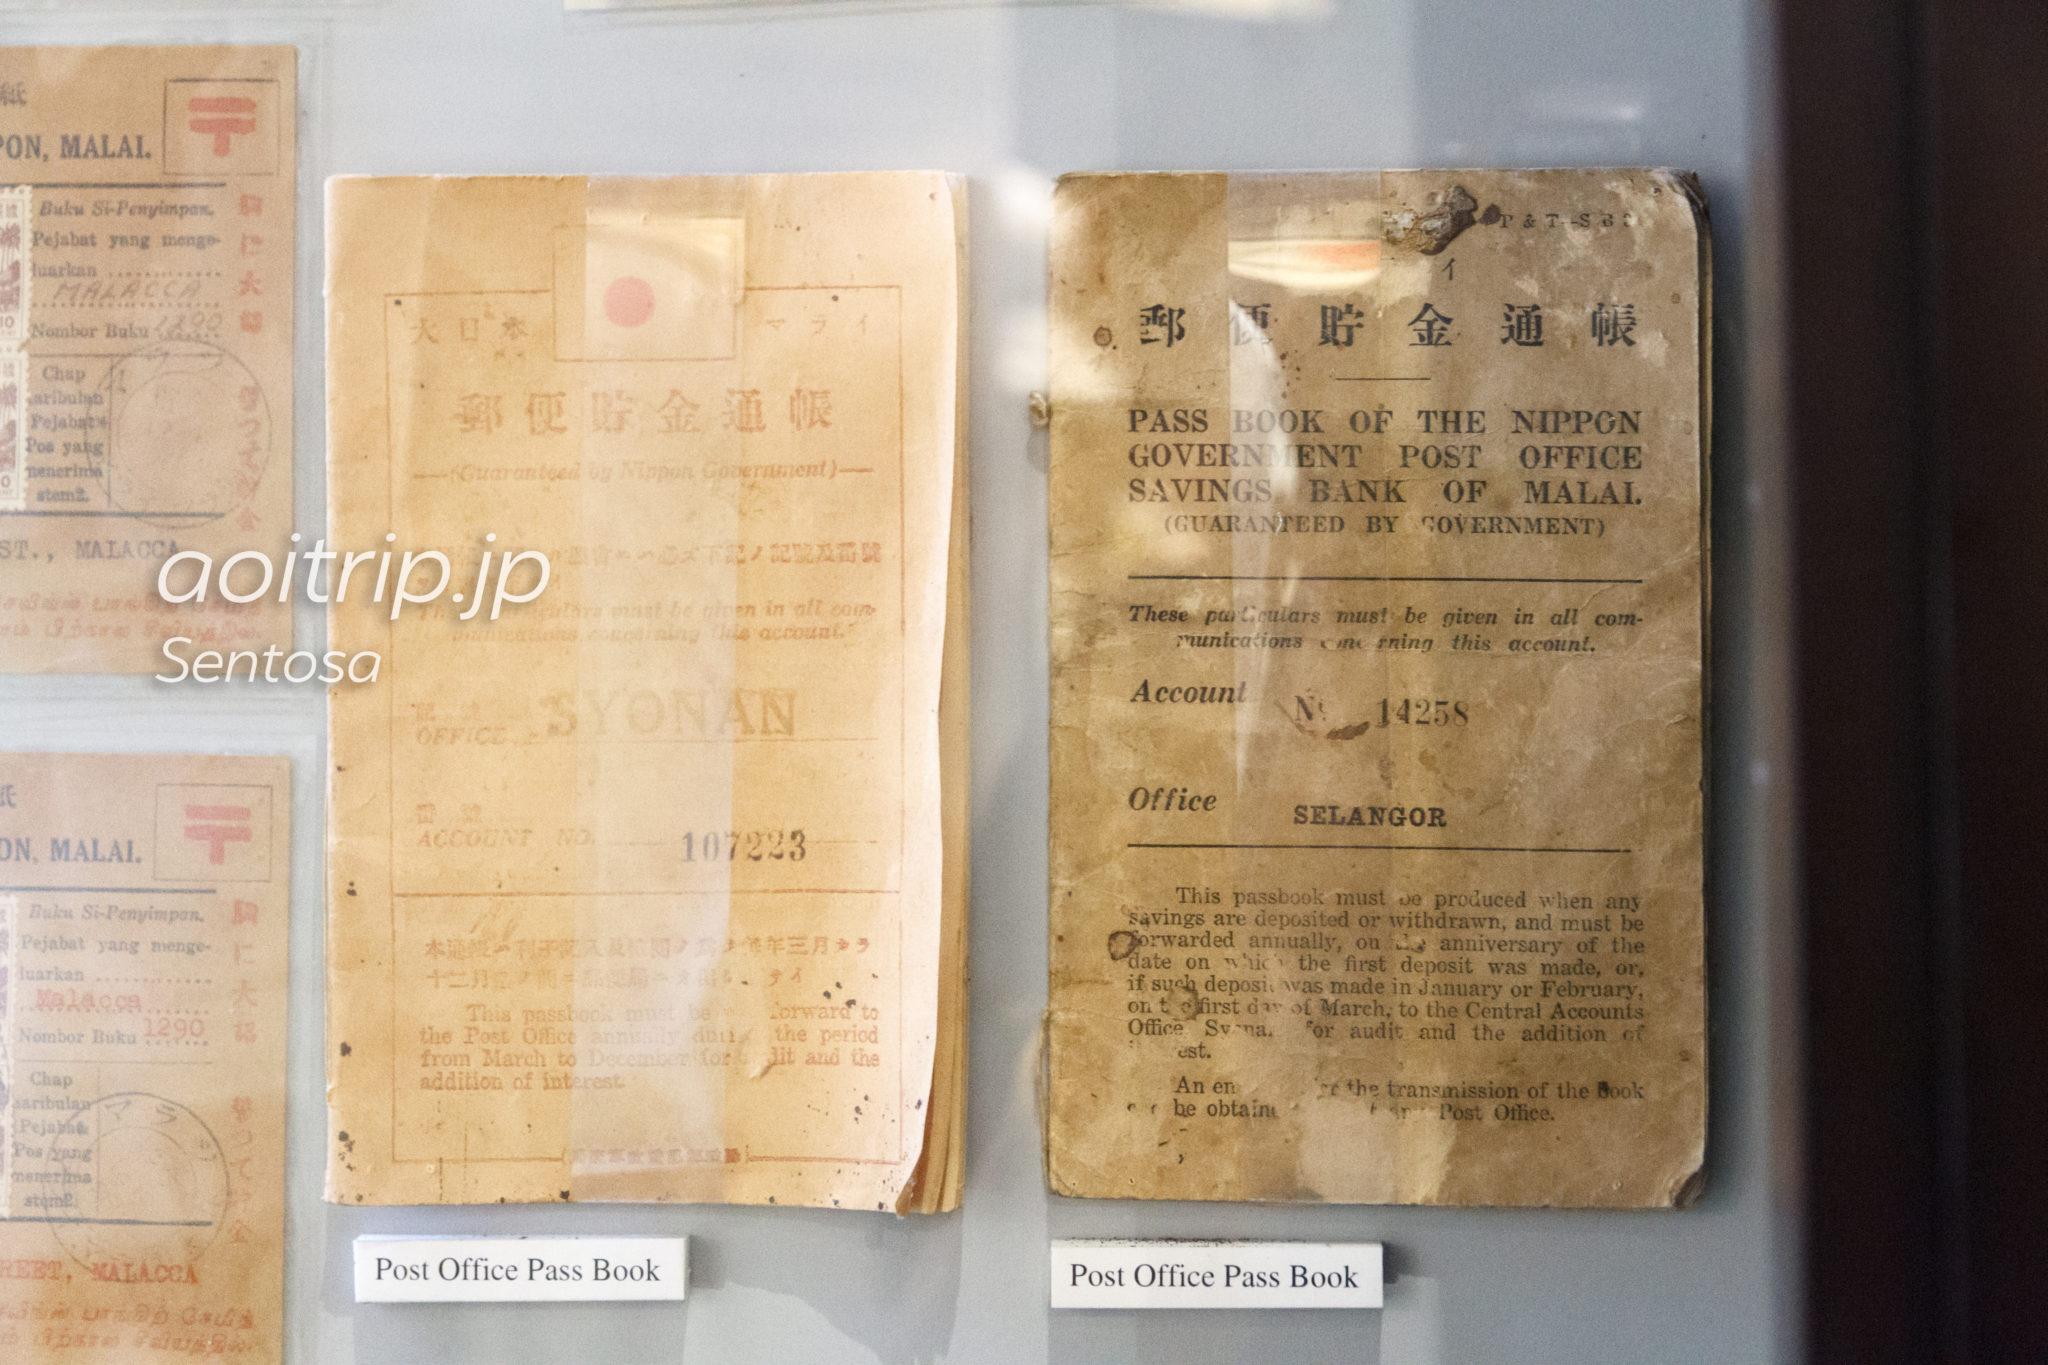 日本占領下のシンガポールの郵便貯金通帳